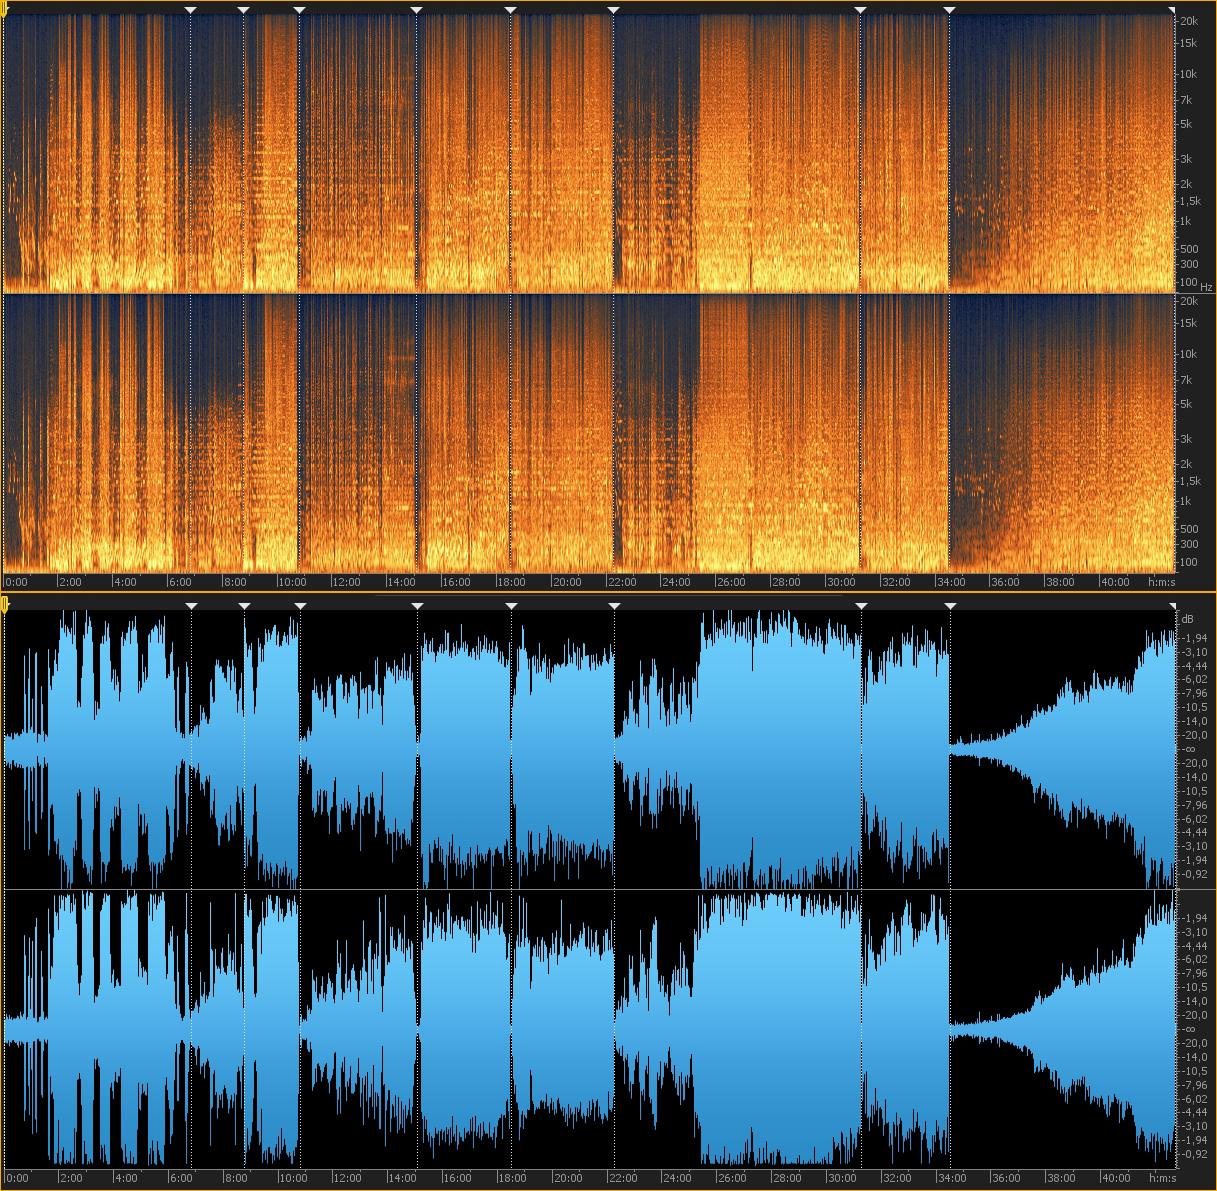 EmersonLP72Trilogy_side1-2_Spectrogram.jpg